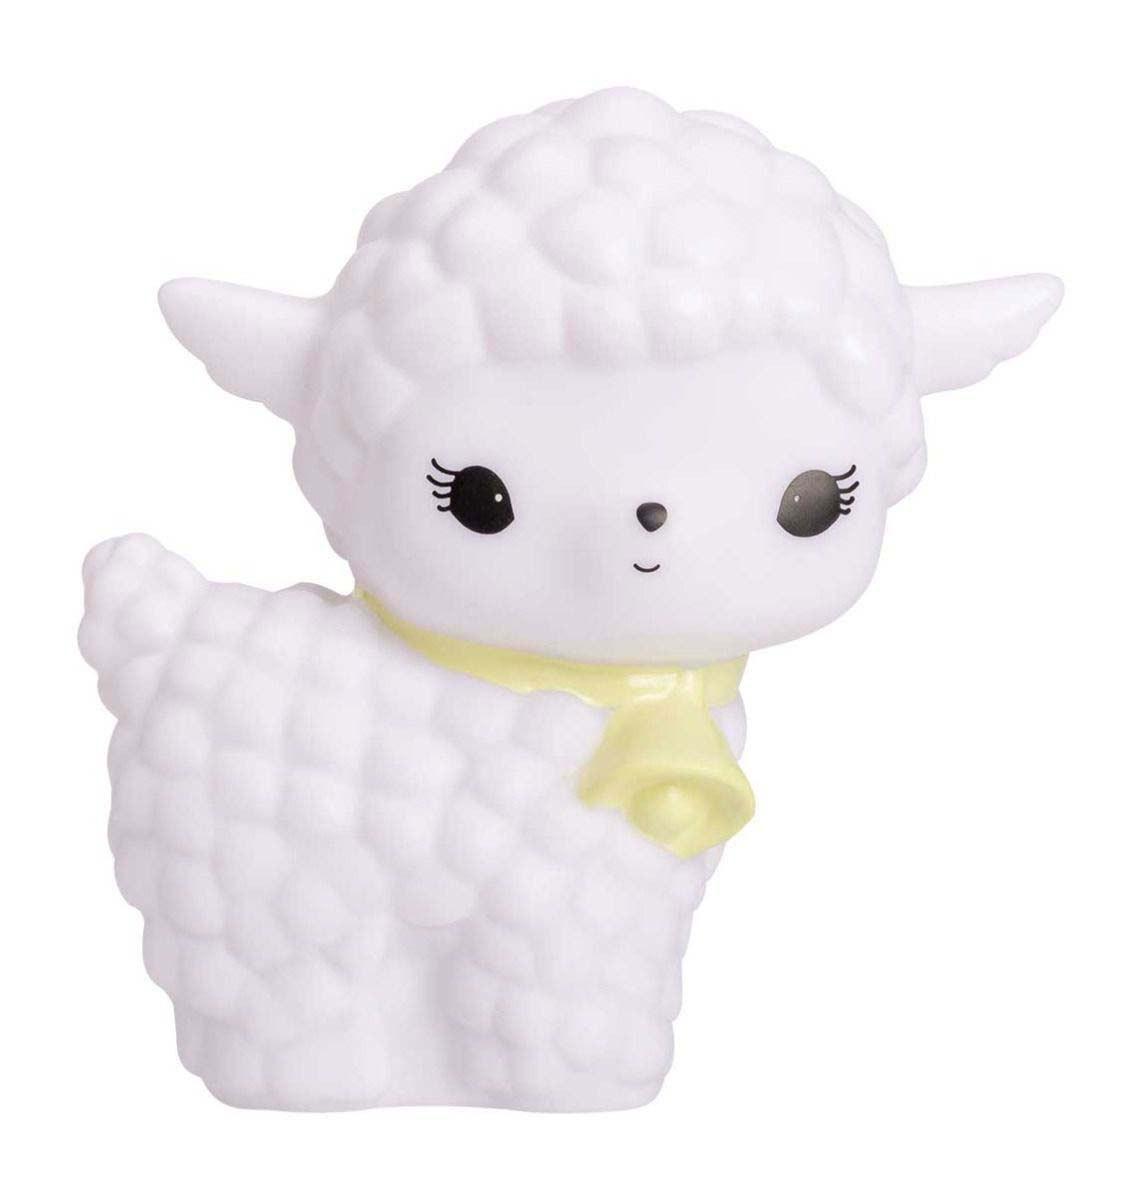 Veilleuse Petite Veilleuse Mouton Petite Veilleuse Mouton